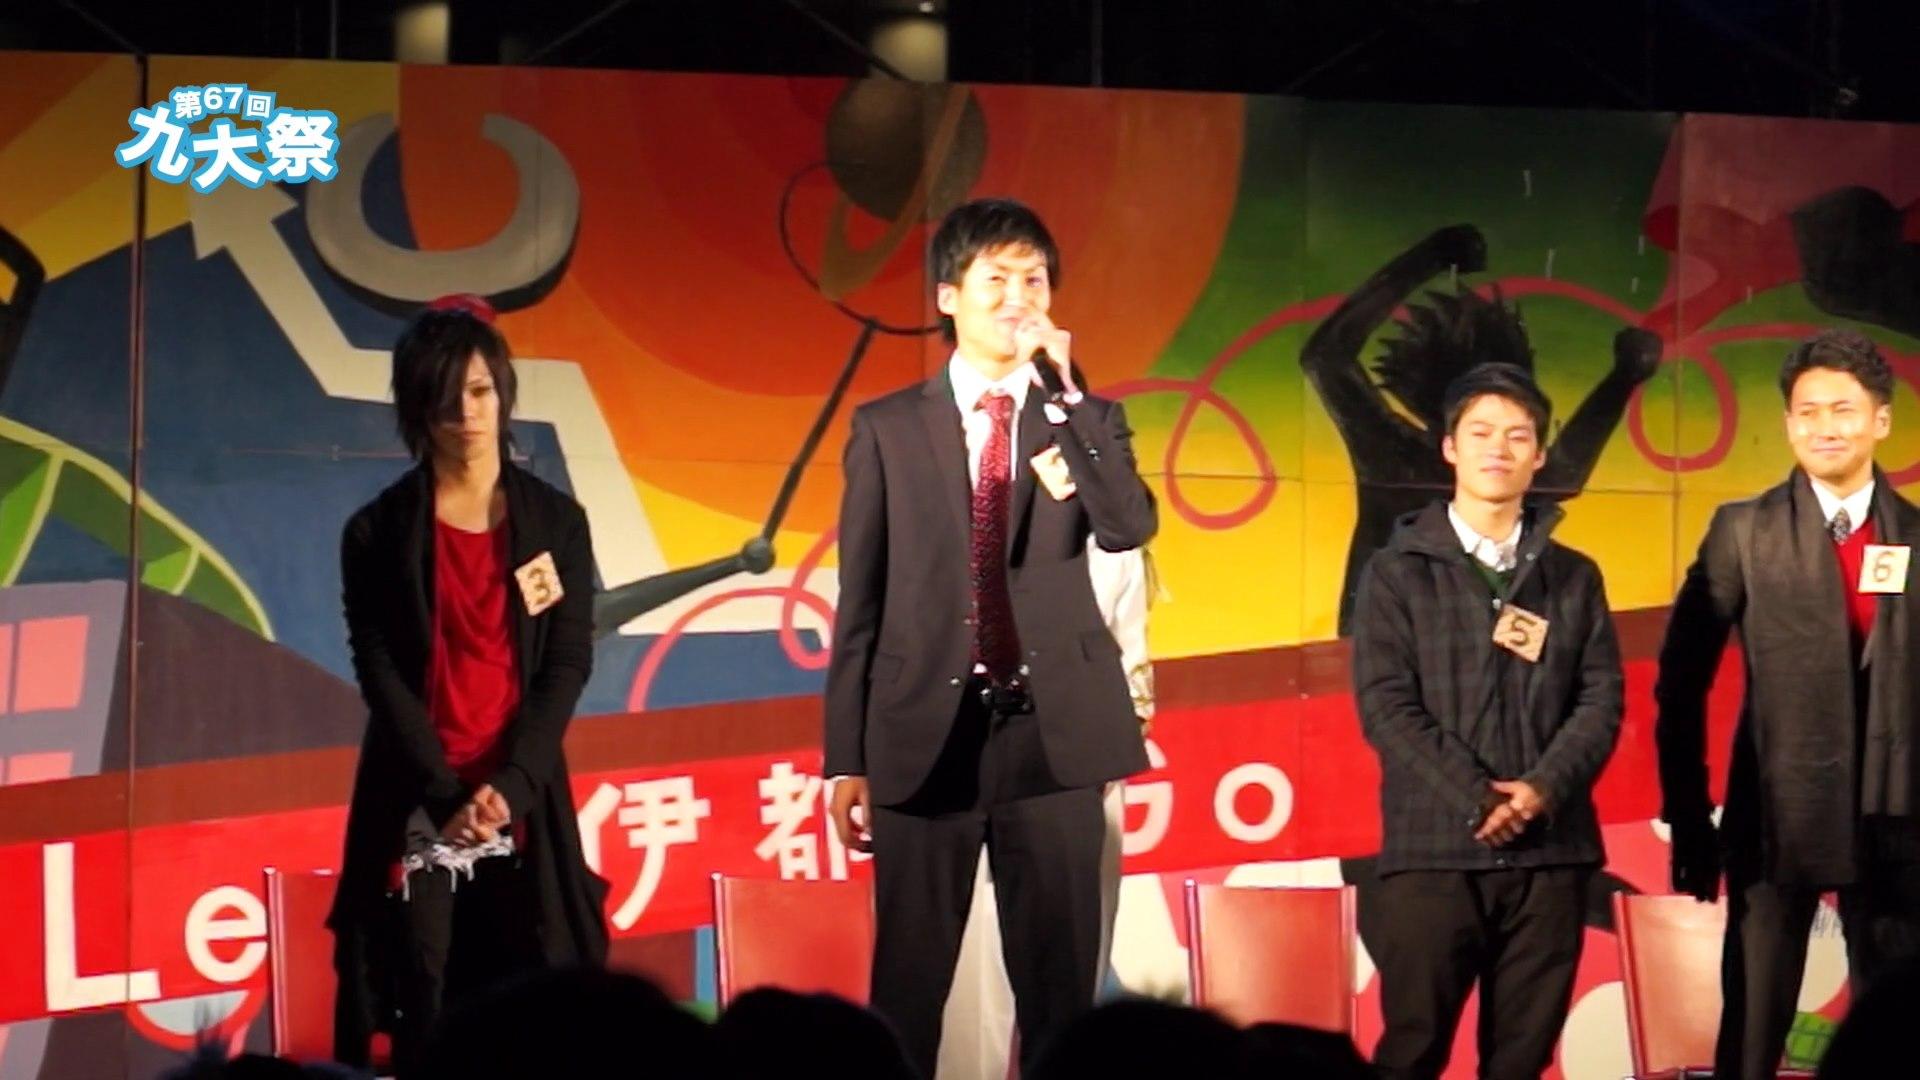 第67回 九州大学学祭.mov_000539125